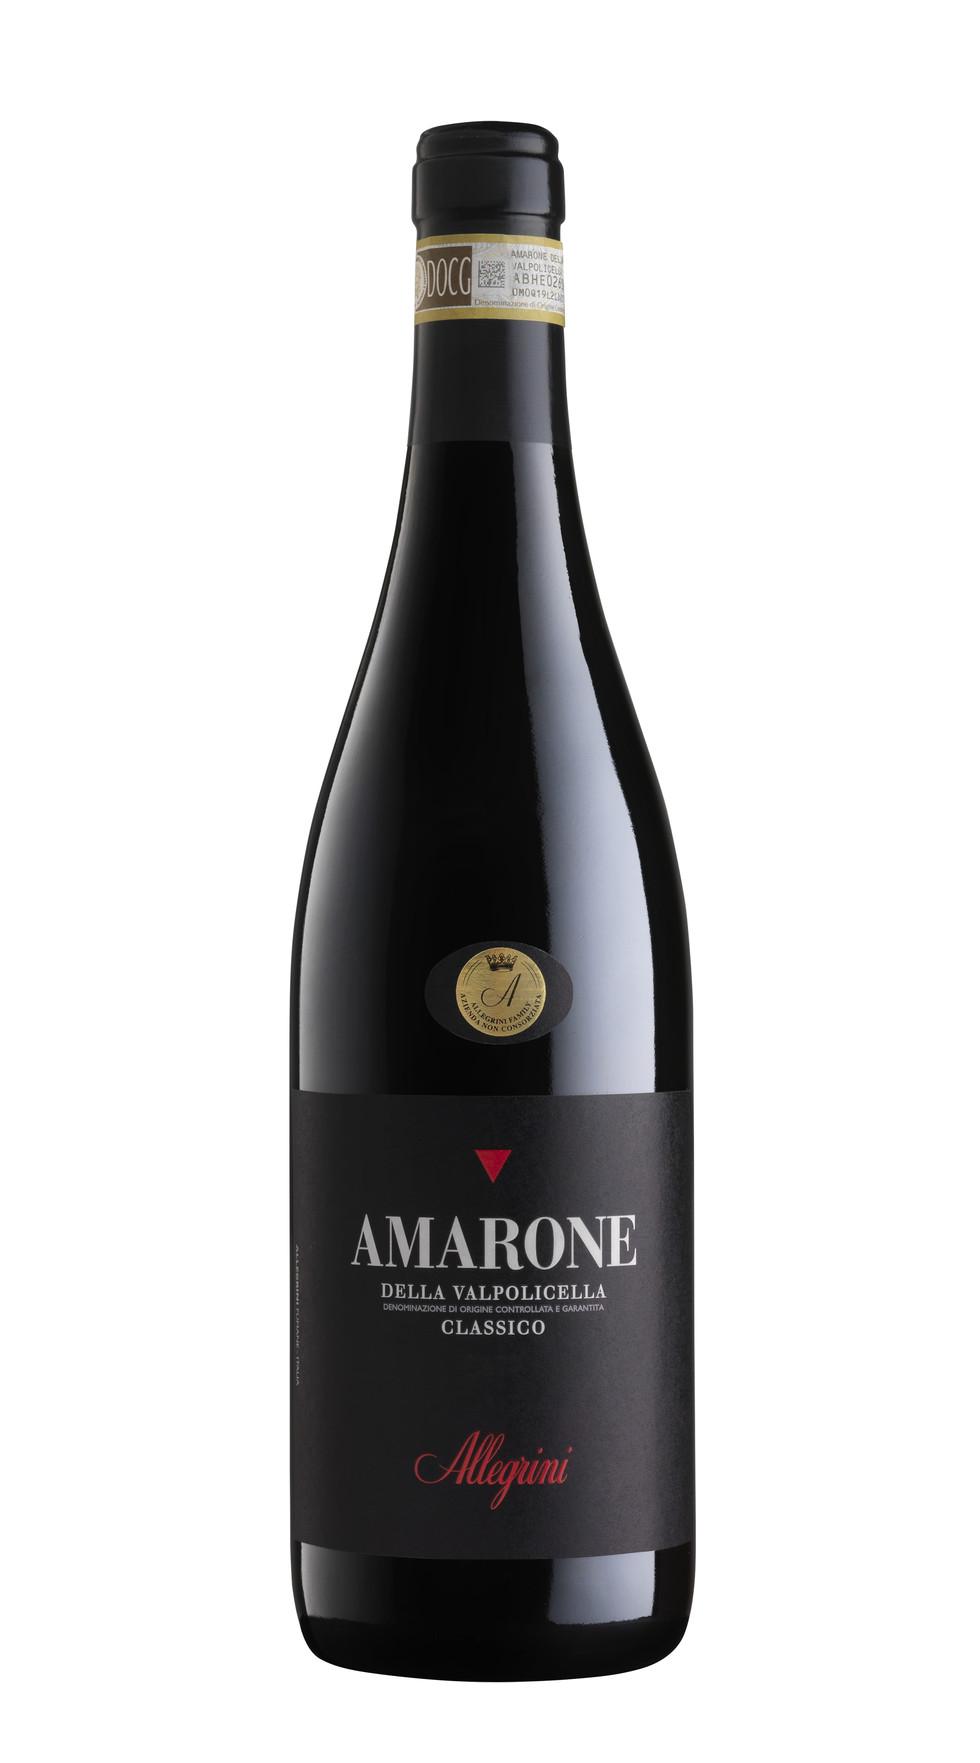 Amarone Della Valpolicella Classico DOCG - 75CL - Allegrini